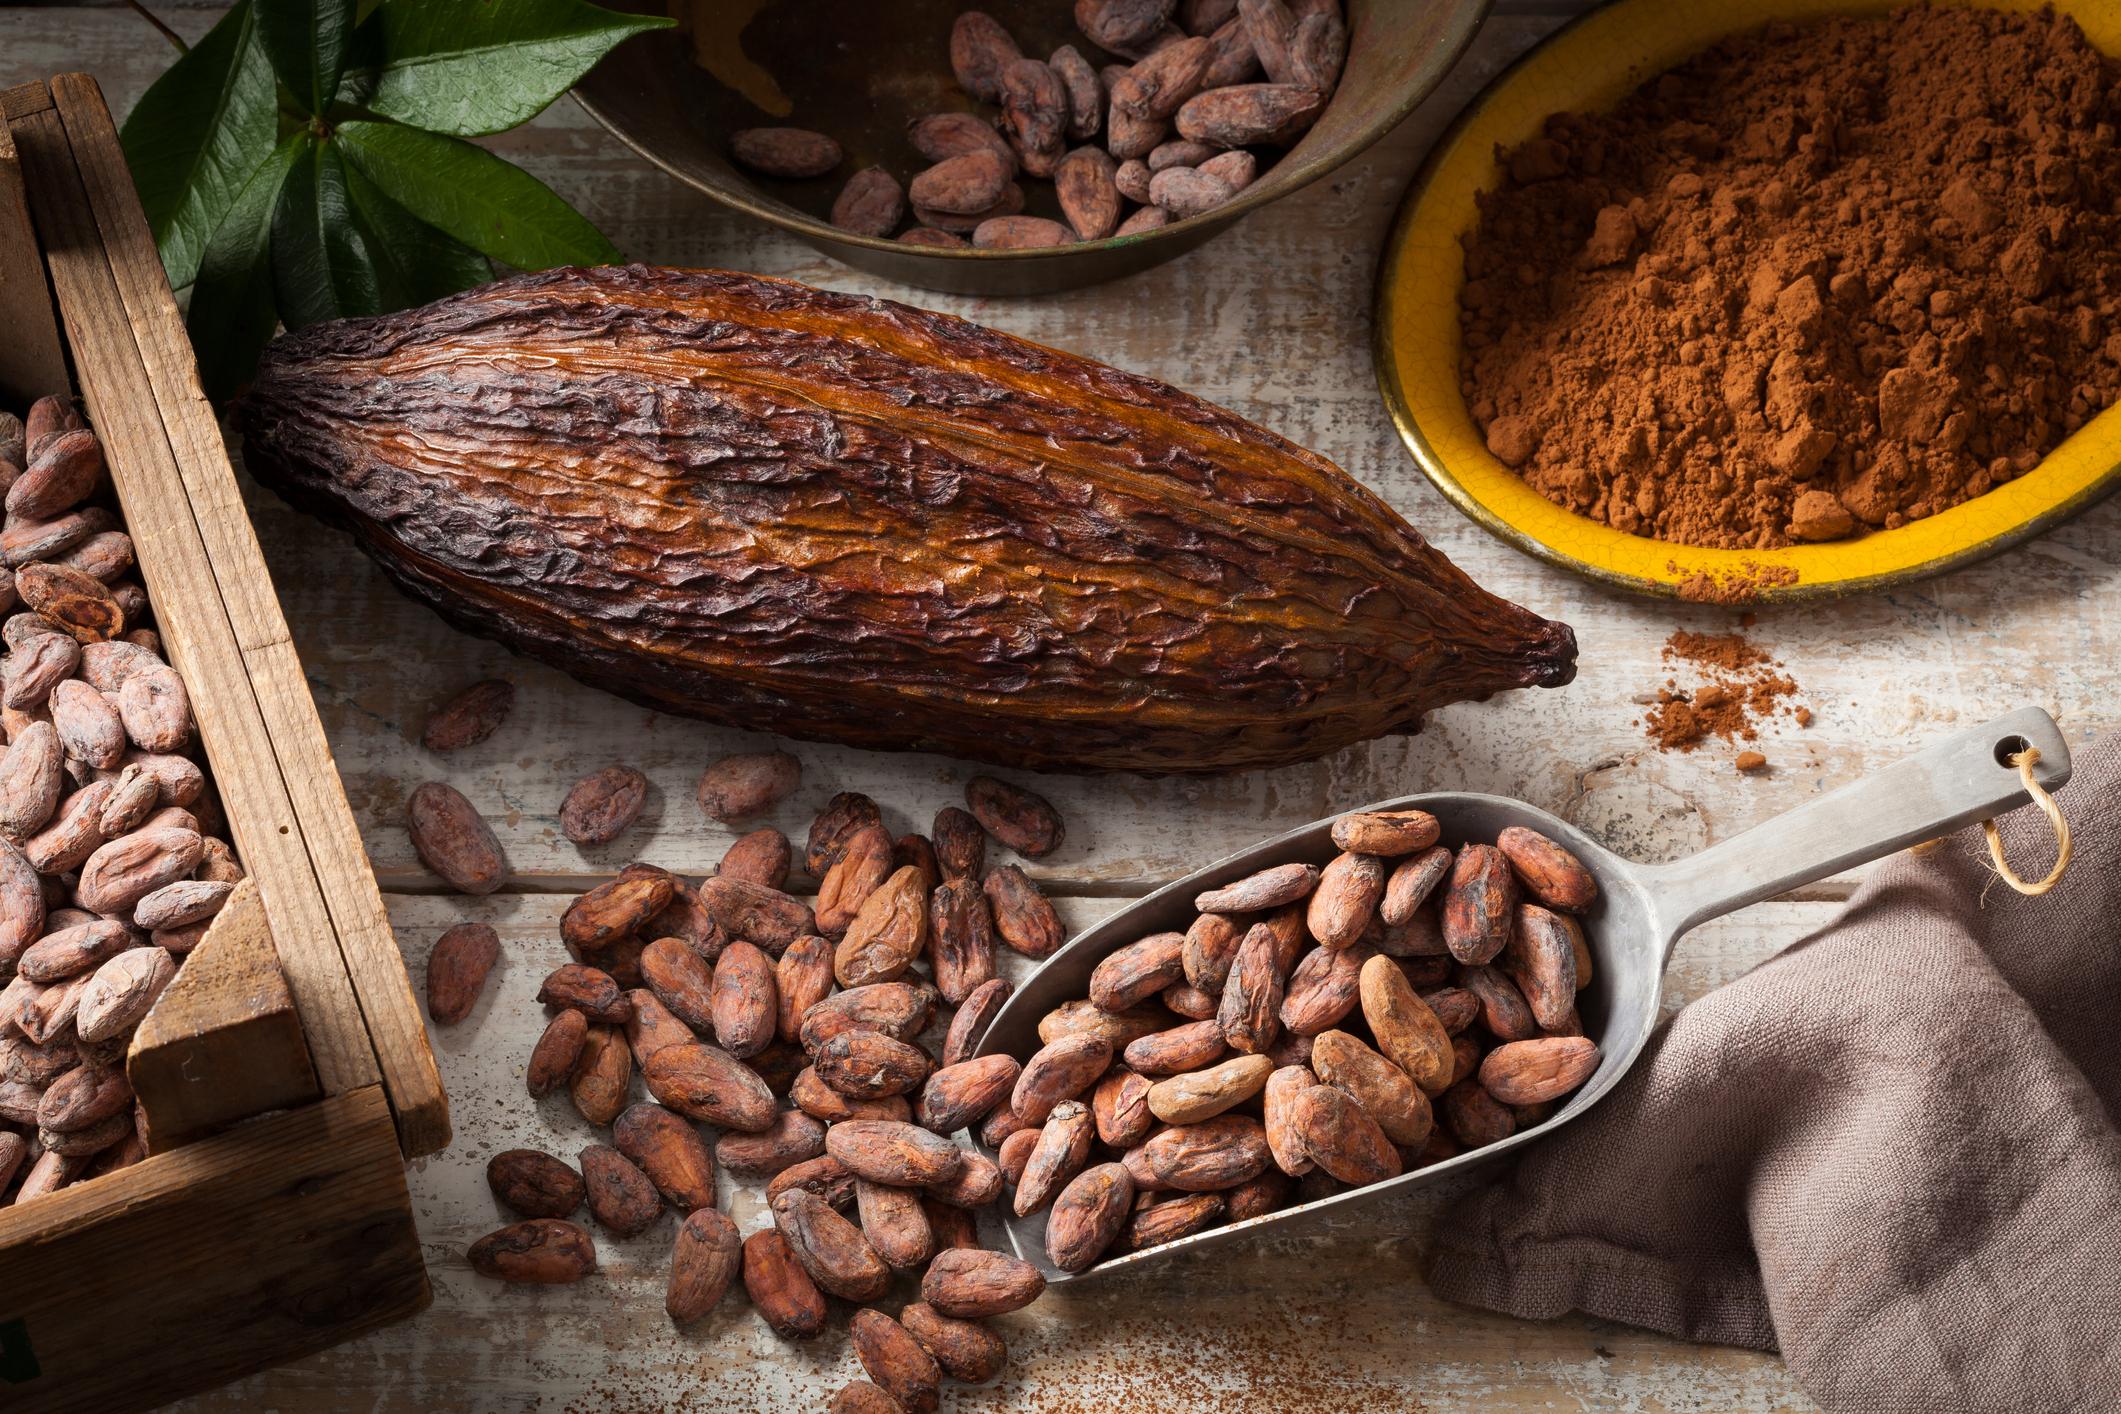 Originário da Amazônia, o cacau é considerado um alimento funcional, ou seja, que têm função nutricional e se consumidos de forma regular e moderada, auxilia na manutenção da saúde.